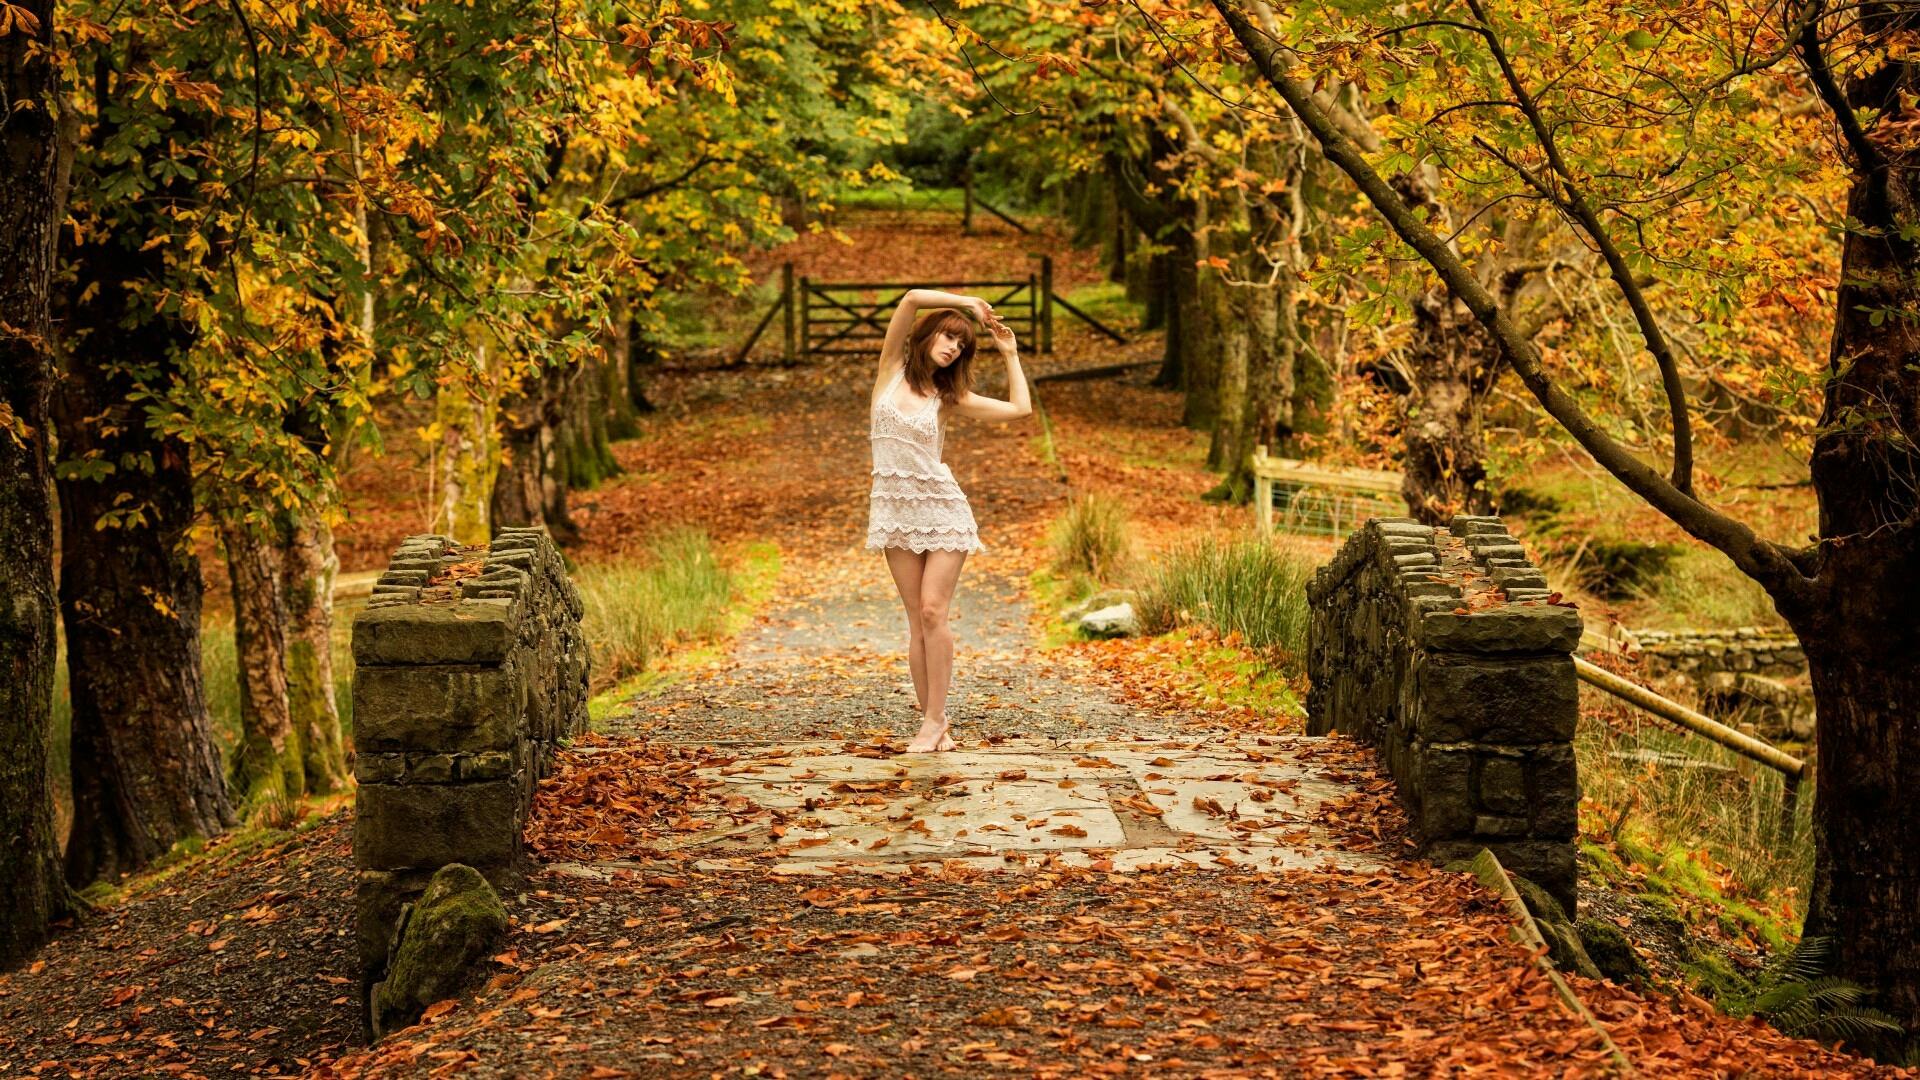 девушка осень блондинка природа деревья листья грусть тоска печаль загрузить